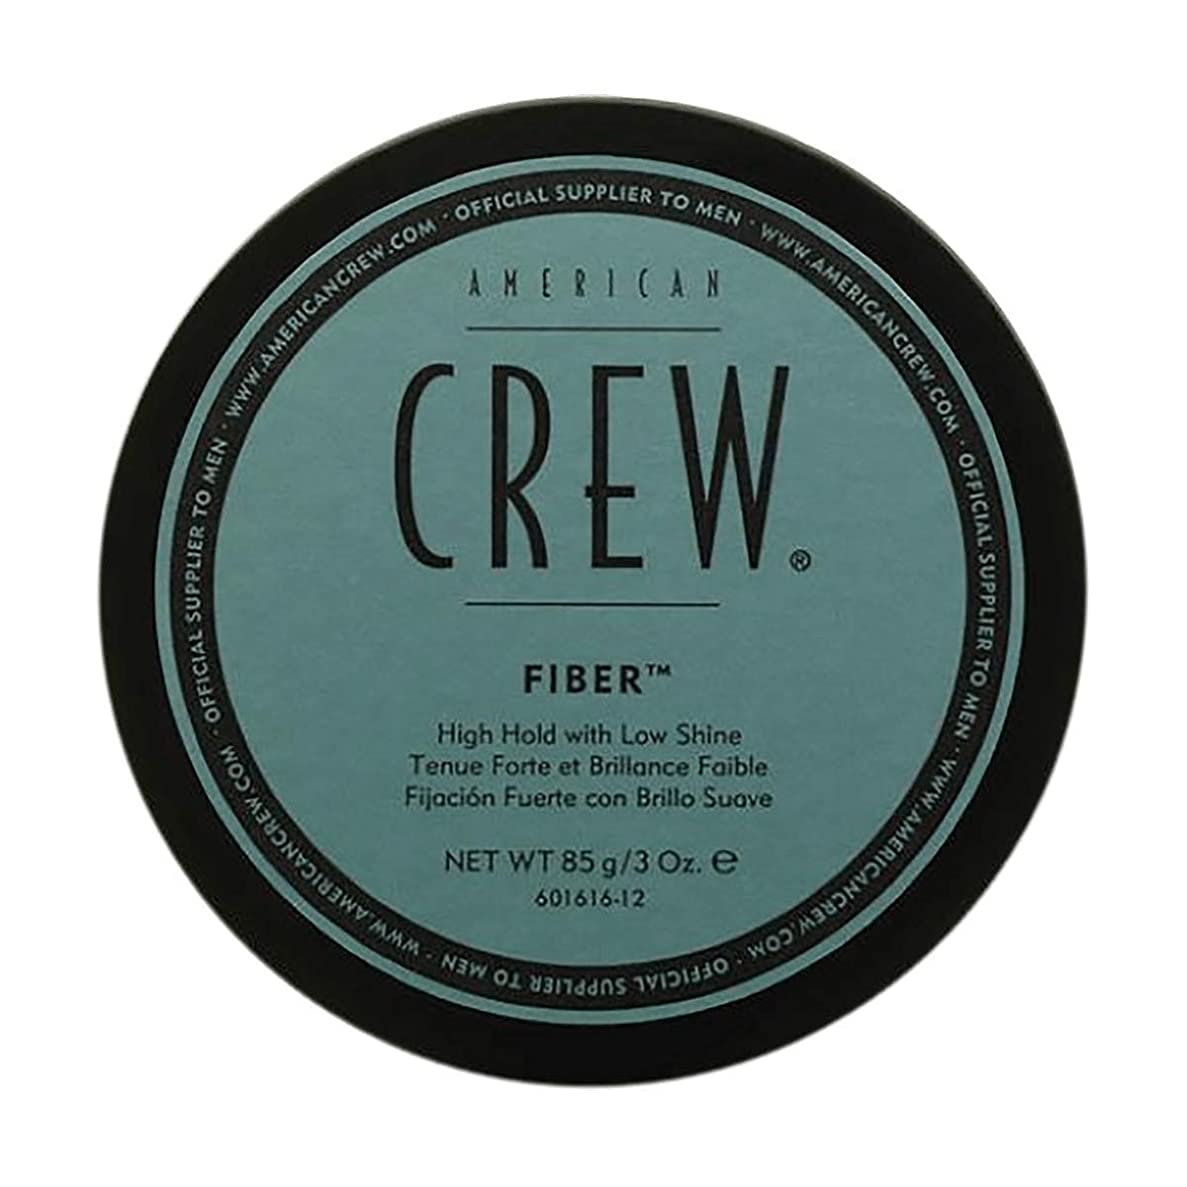 肉腫音節眼アメリカンクルー クラシック ファイバー American Crew Fiber 85g [並行輸入品]